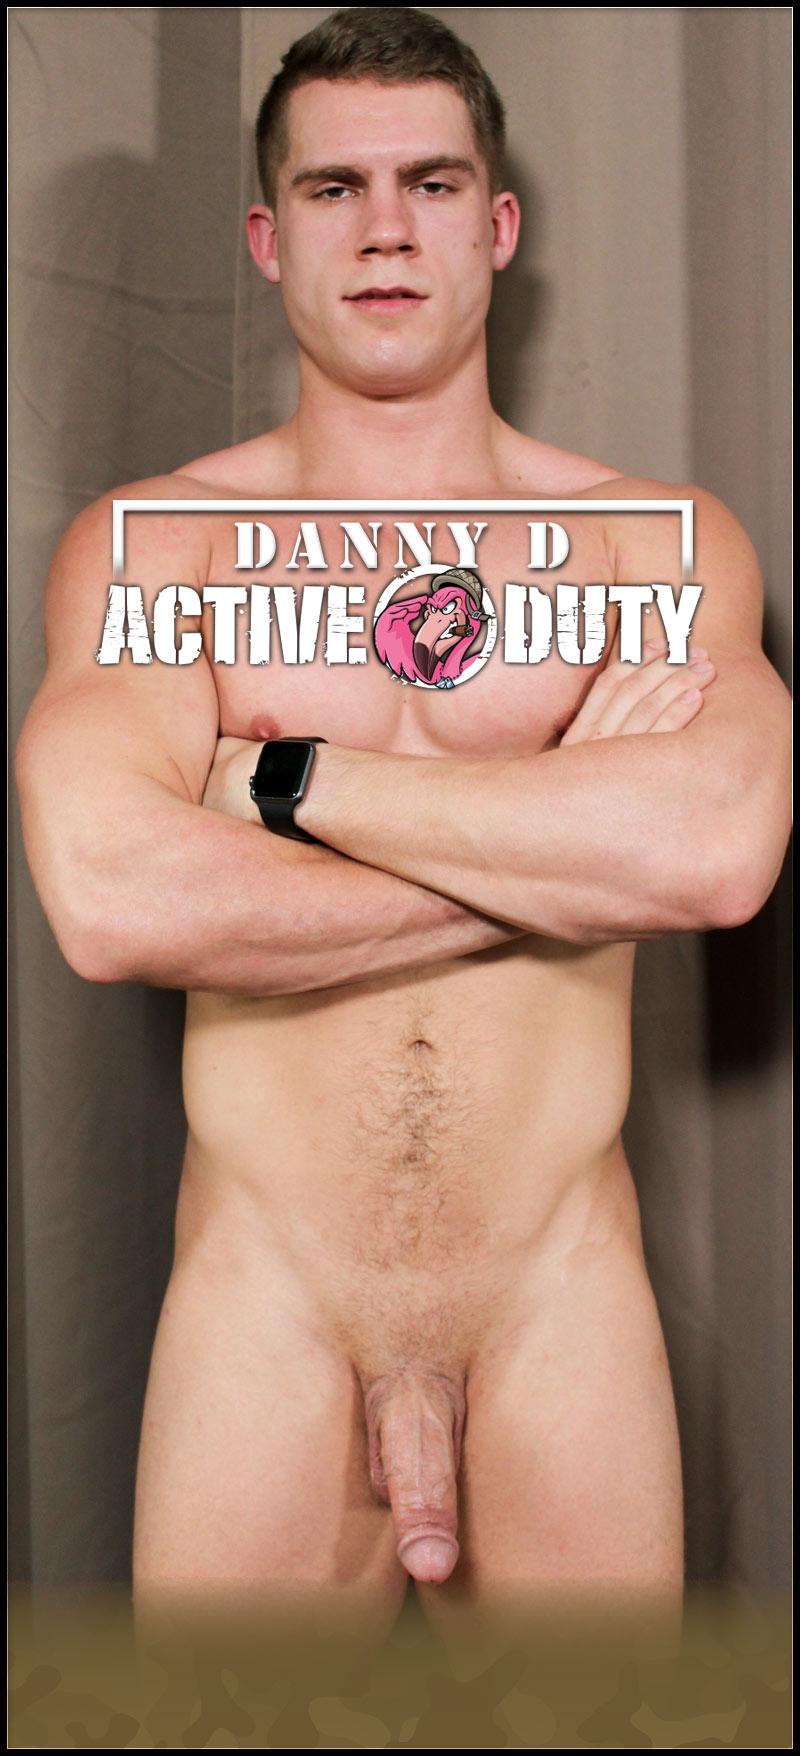 Danny D at ActiveDuty